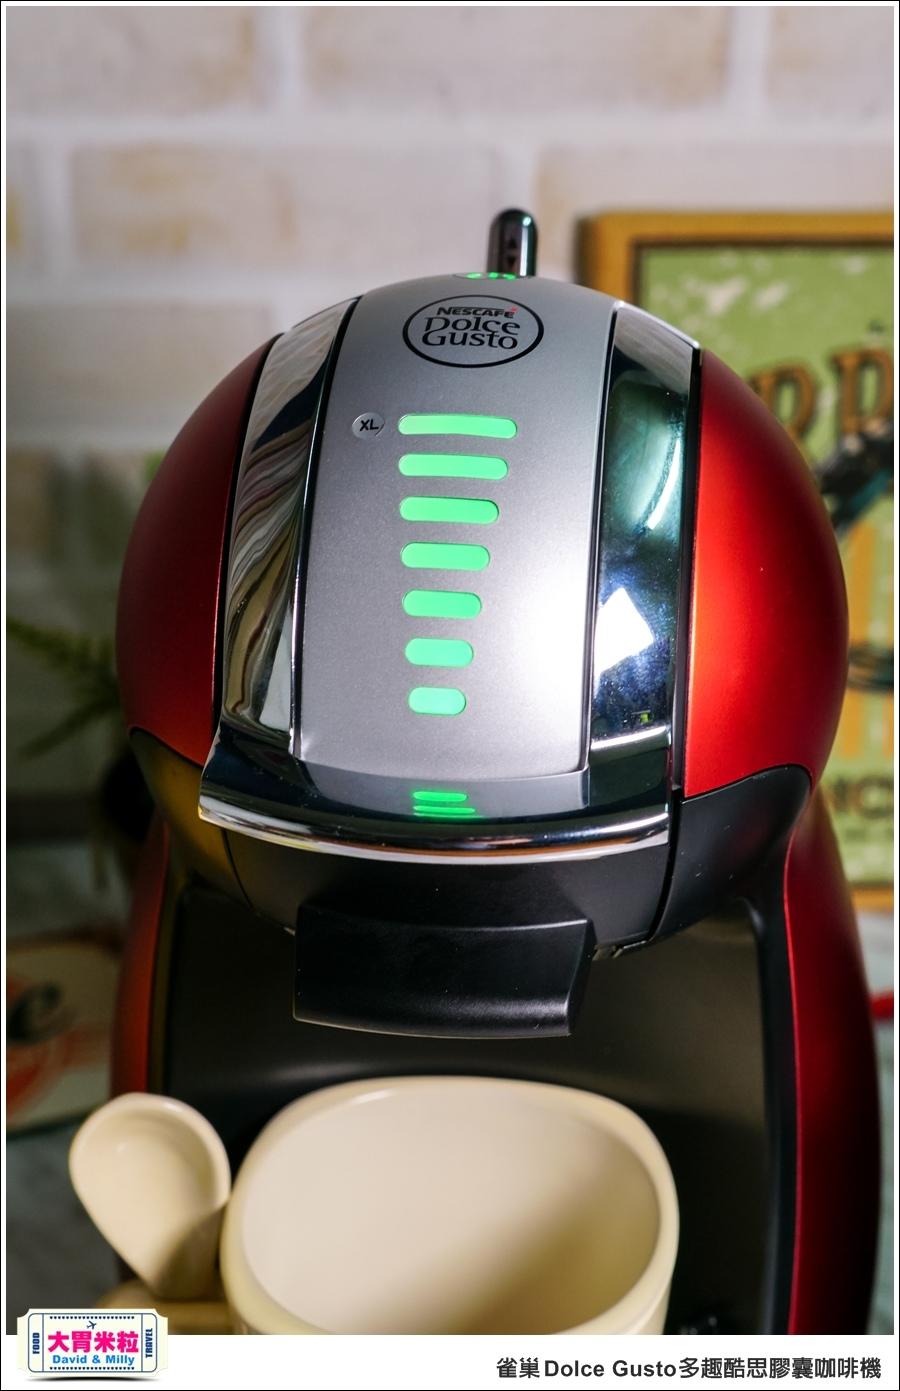 咖啡機推薦@雀巢 Dolce Gusto 多趣酷思膠囊咖啡機 @大胃米粒 0039.jpg